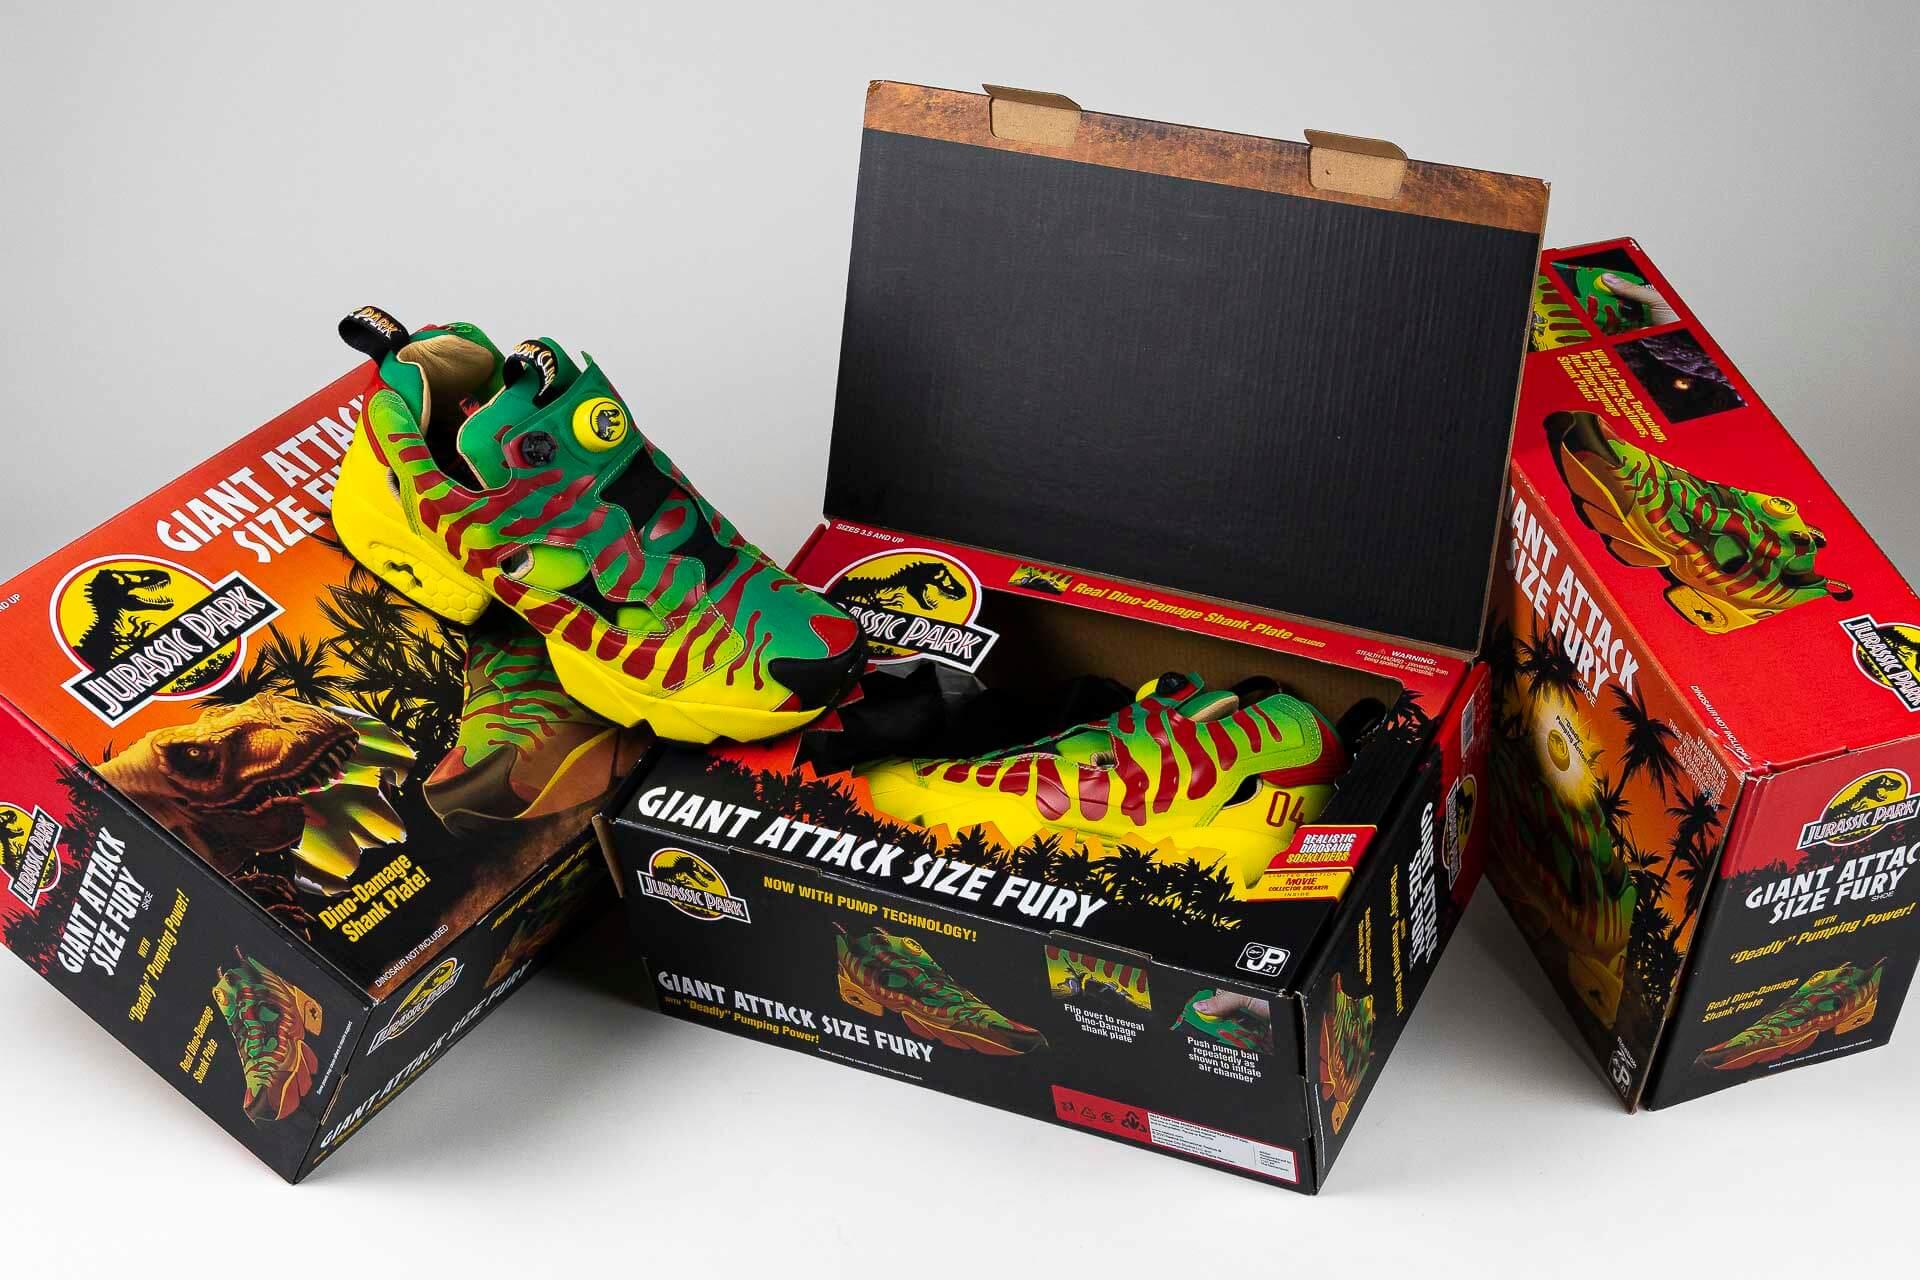 zeigt x Jurassic Park Instapump Giant Attack Size Fury von Reebok